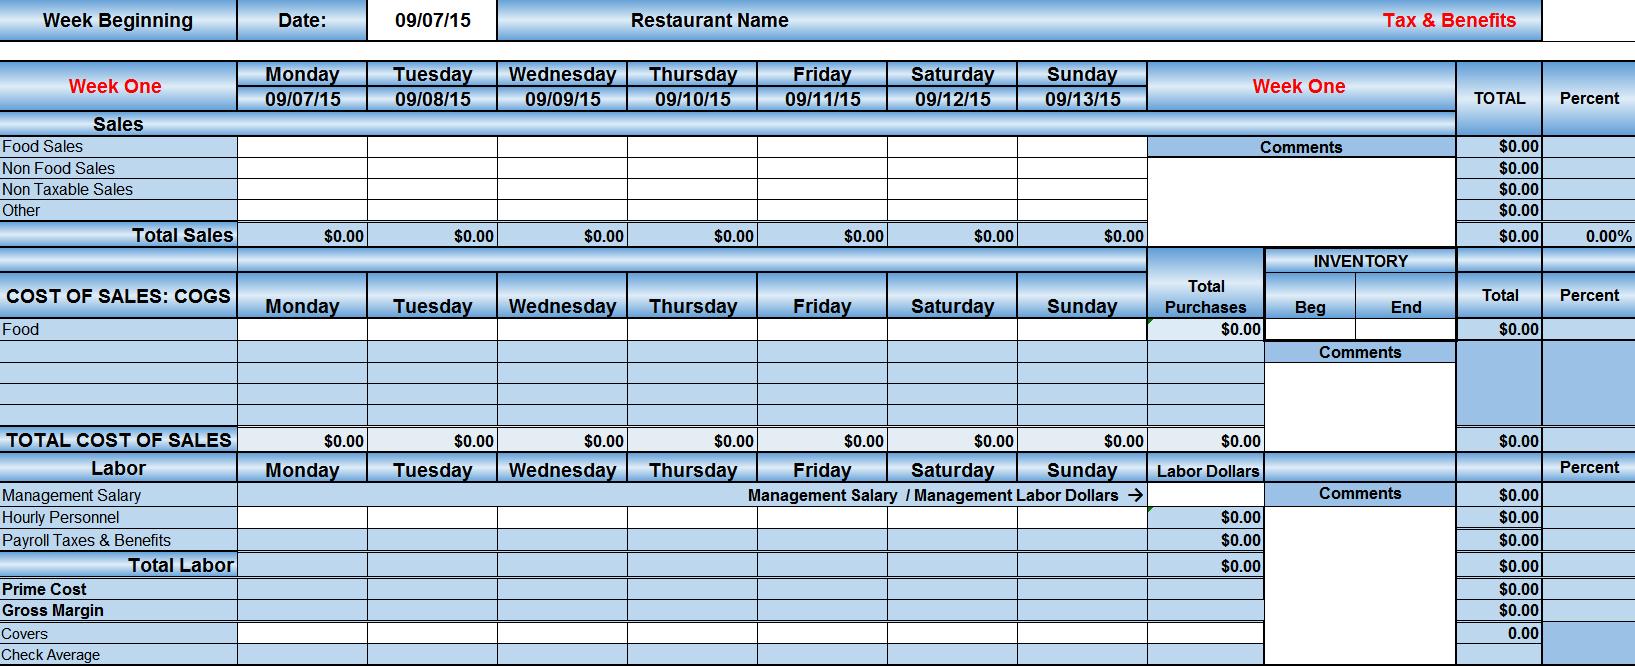 Restaurant Labor Cost Spreadsheet For Restaurant Excel Spreadsheets  Aljererlotgd